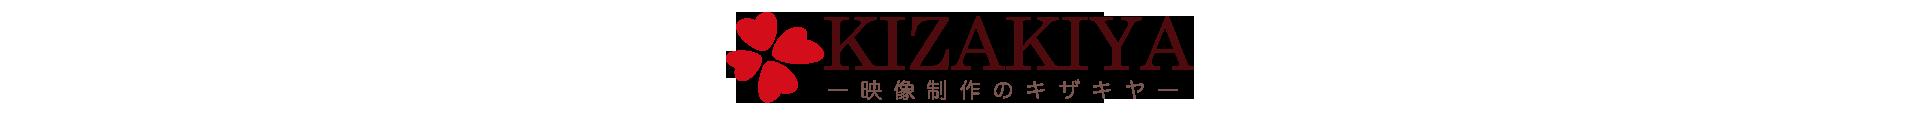 キザキヤロゴ